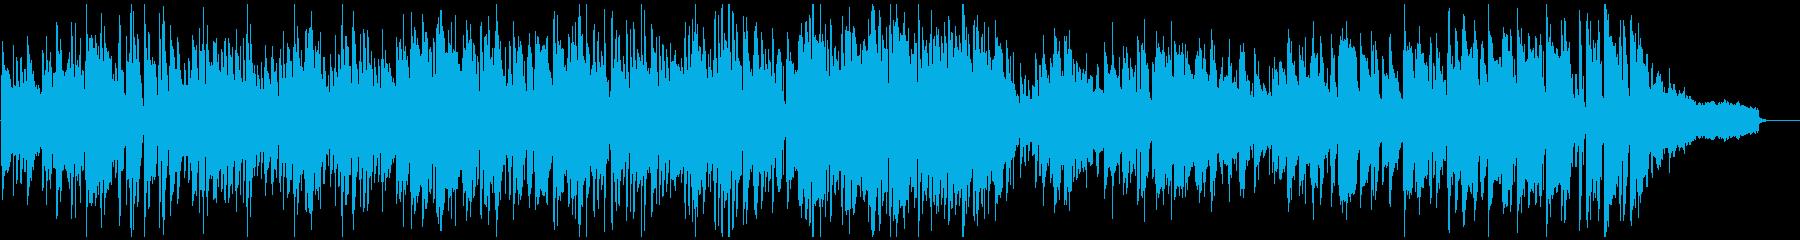 明るいボサノバ、爽やかジャズ・サックスの再生済みの波形